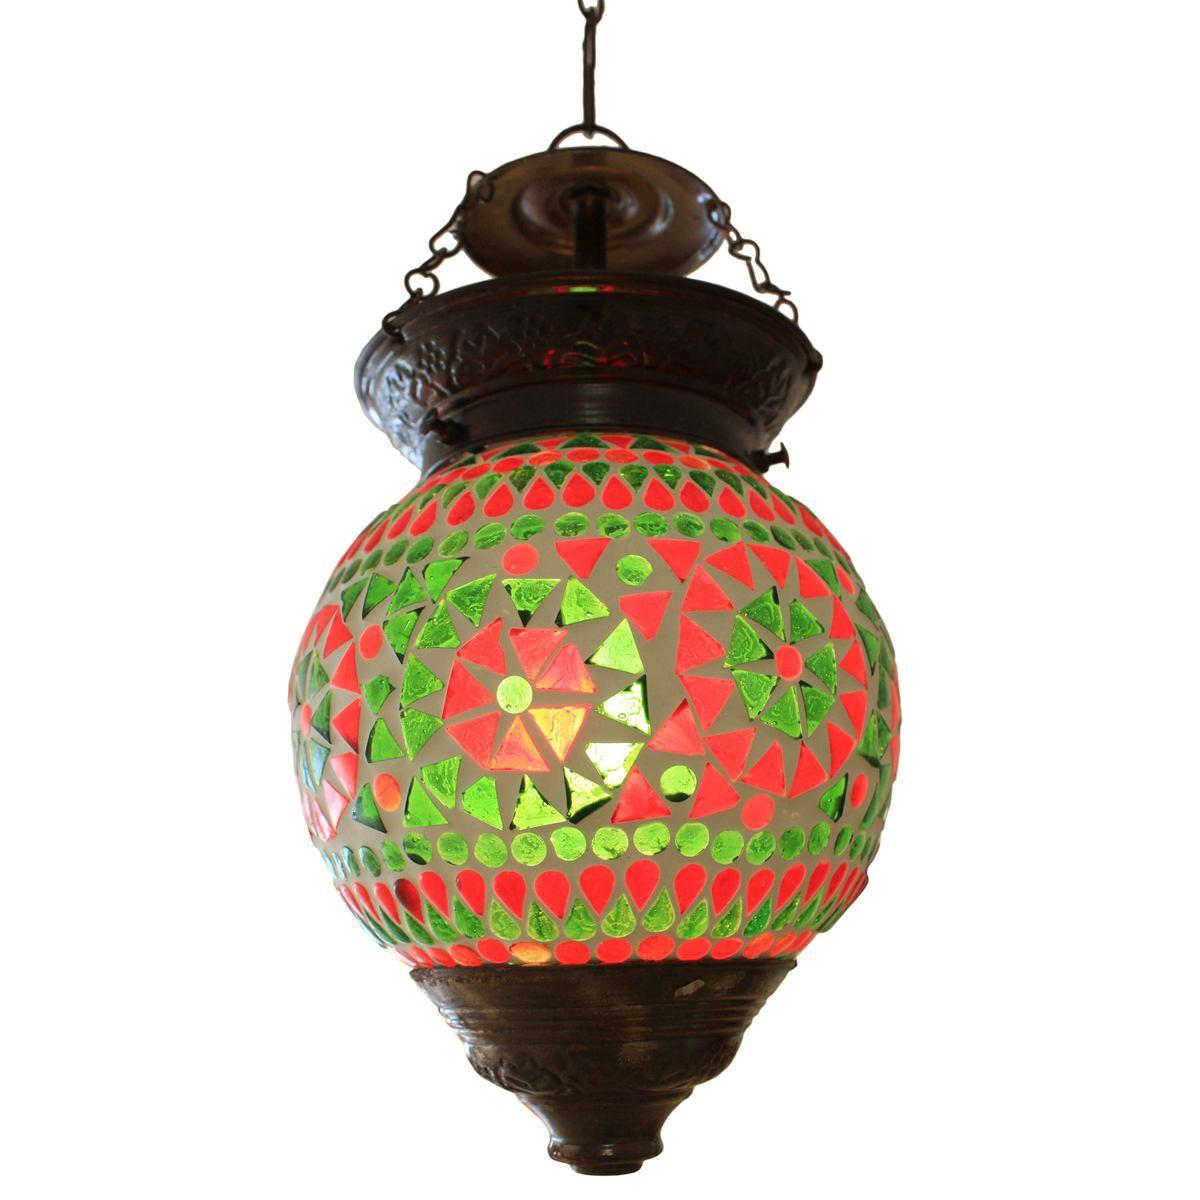 Lampe h ngeleuchte leuchte mosaik rund orientalisch dekoleuchte gr n orange 14 cm nr 5 lampen for Mosaik lampe orientalisch